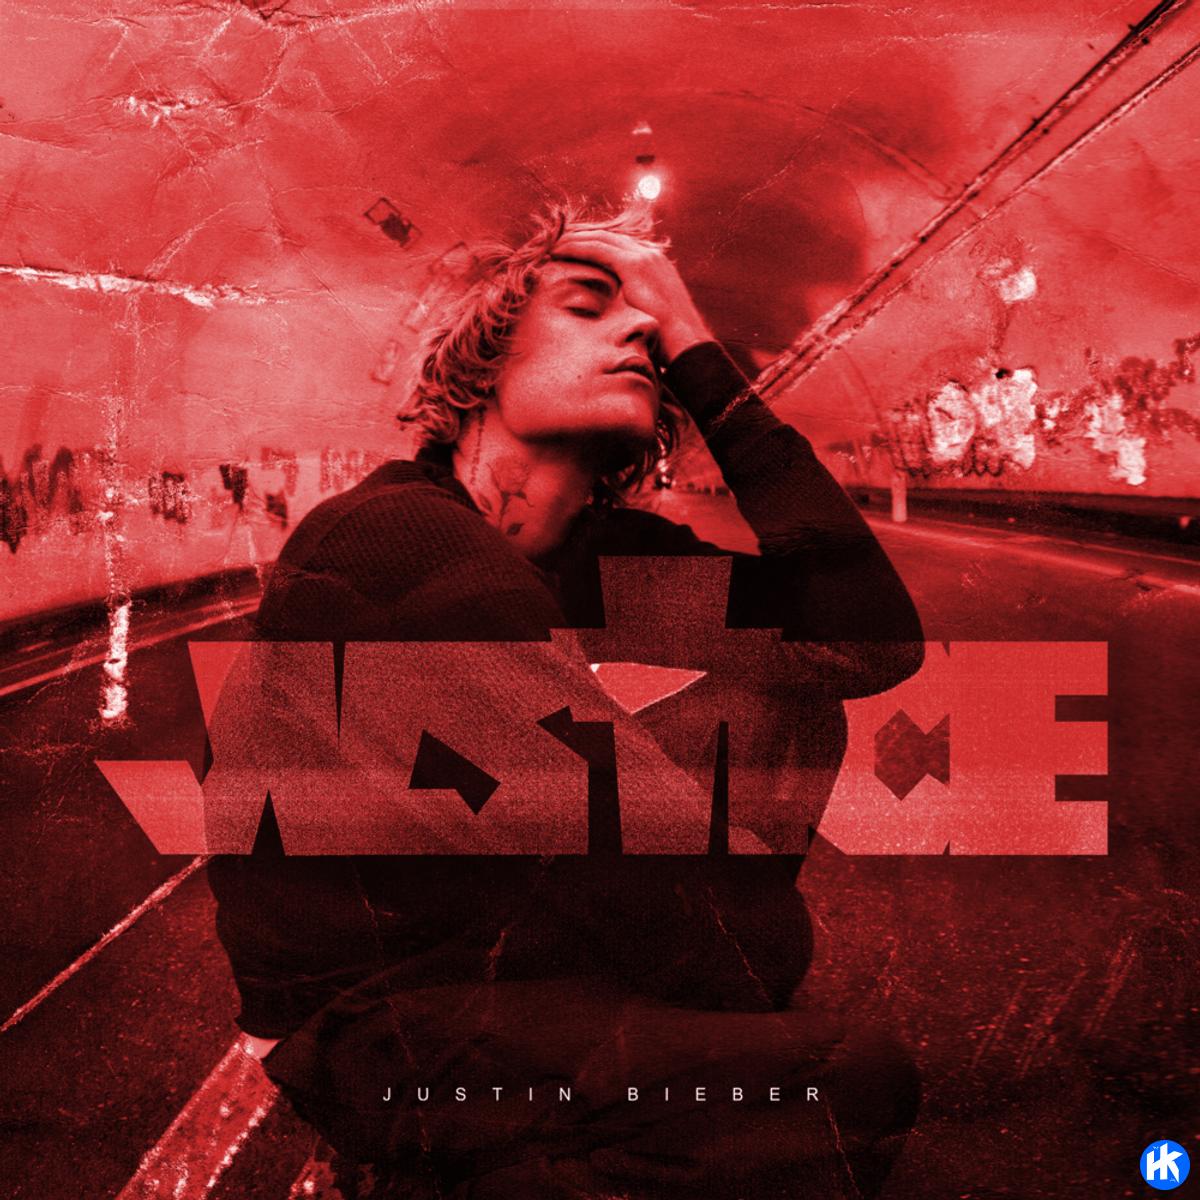 Justin Bieber – MLK Interlude